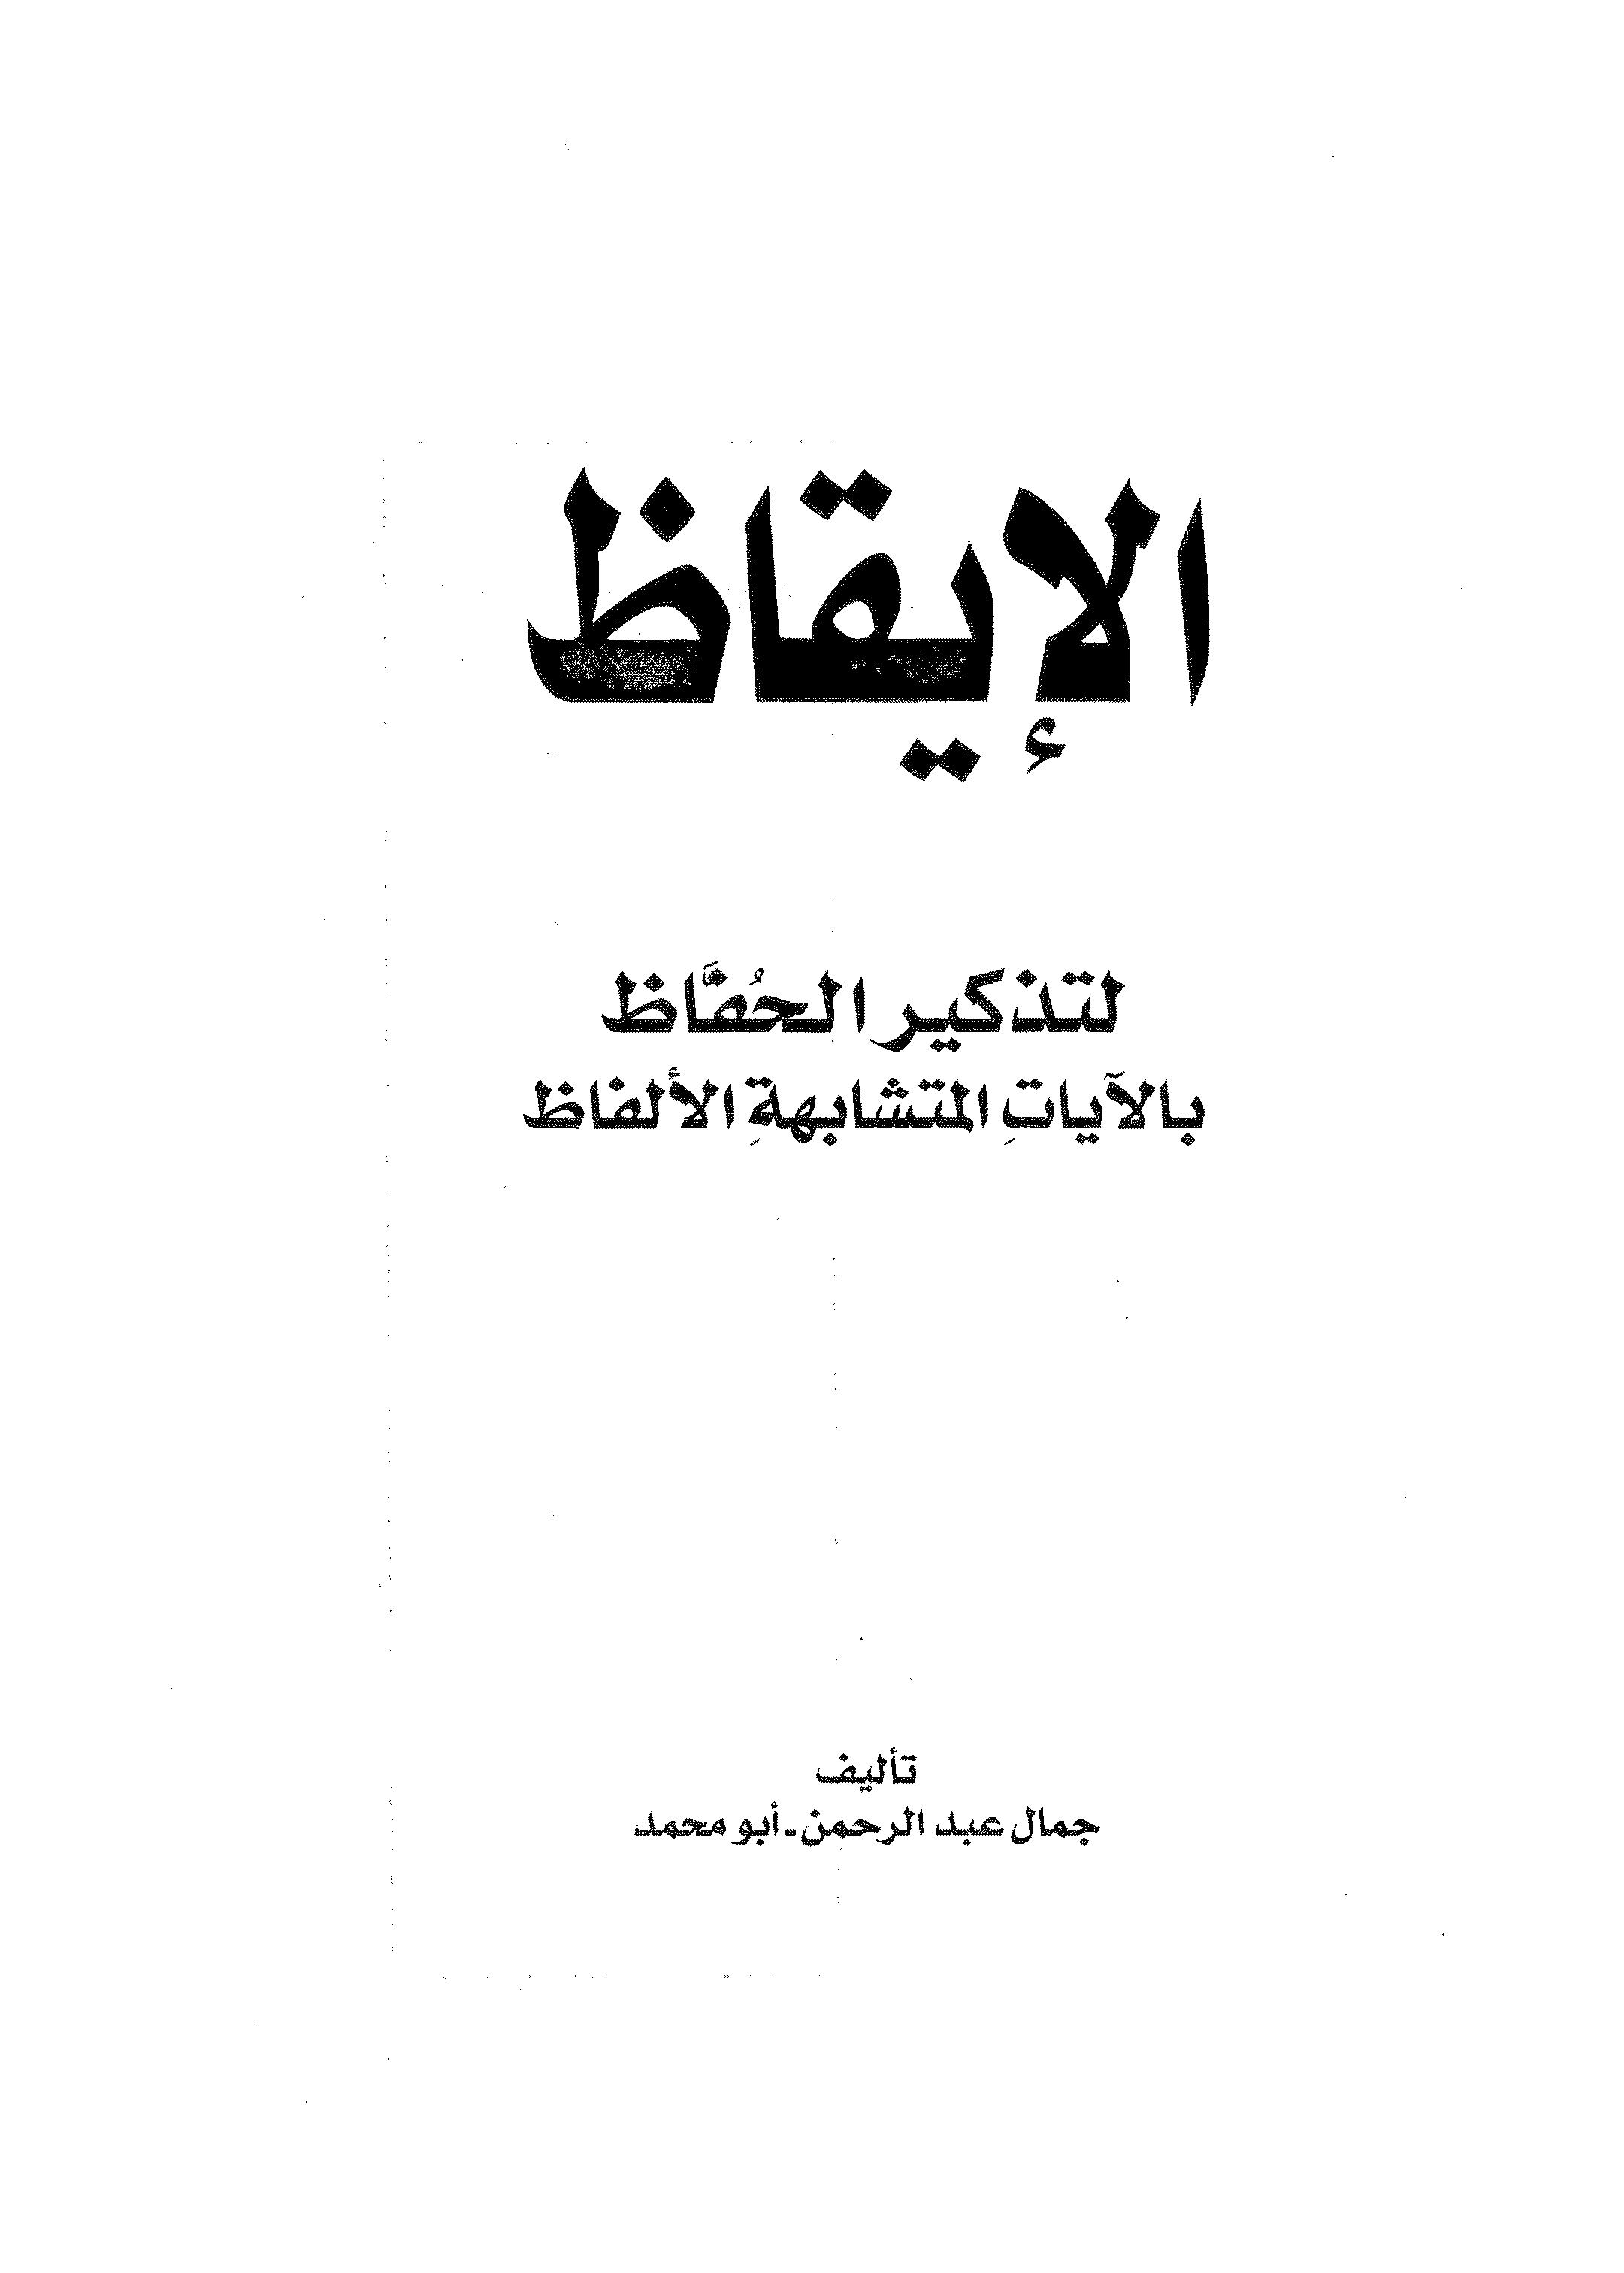 تحميل كتاب الإيقاظ لتذكير الحُفاظ بالآيات المتشابهة الألفاظ لـِ: أبو محمد جمال عبد الرحمن